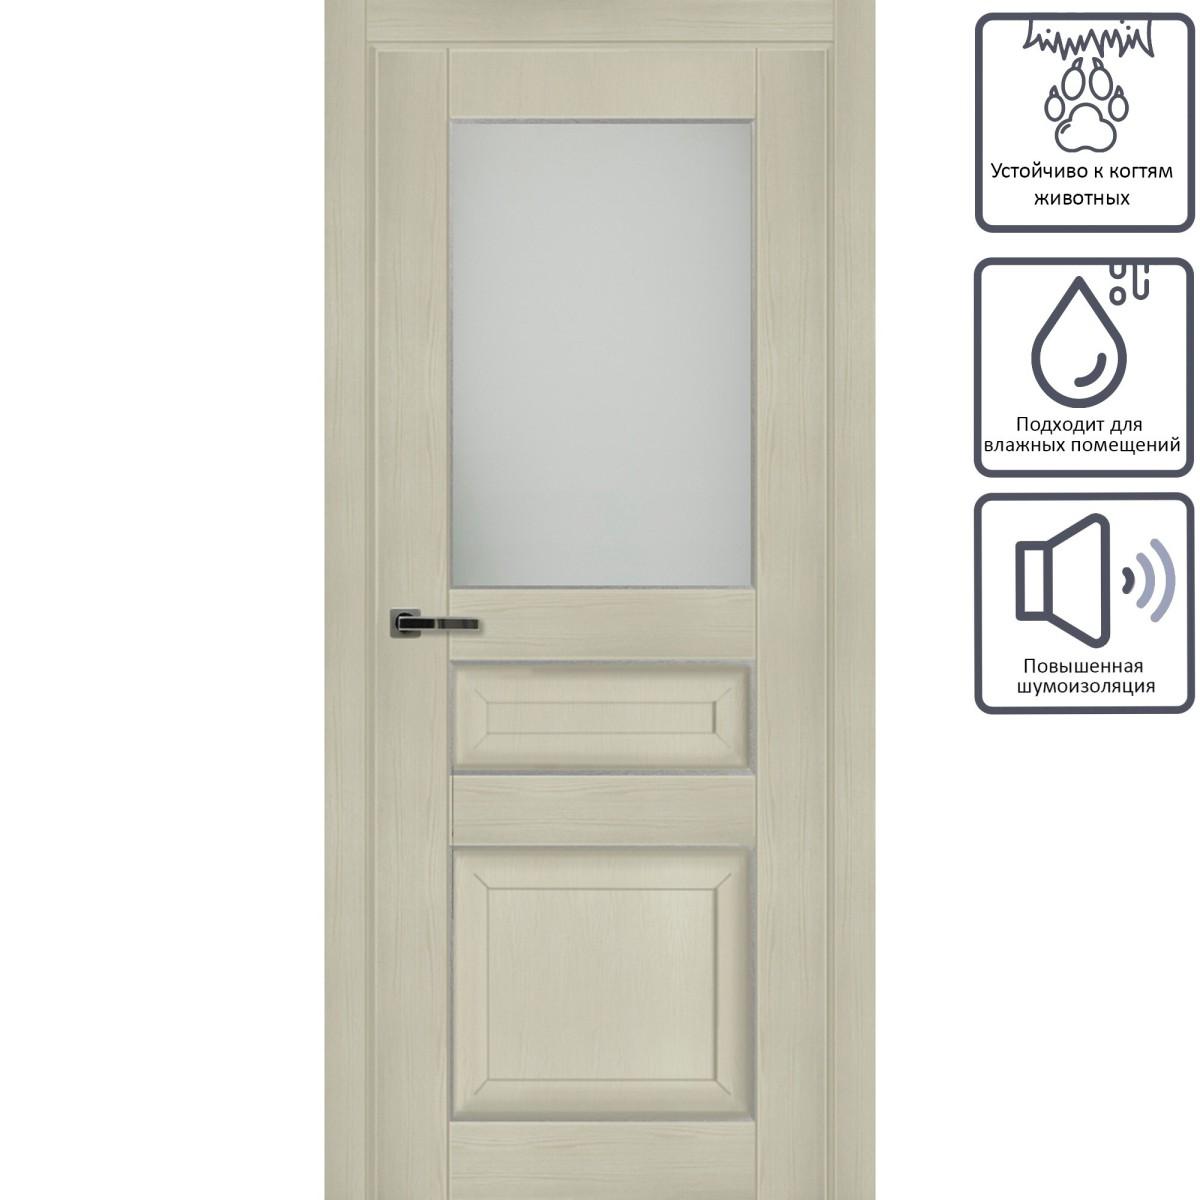 Дверь межкомнатная глухая с замком в комплекте Дерби 2100x600 мм CPL цвет белый